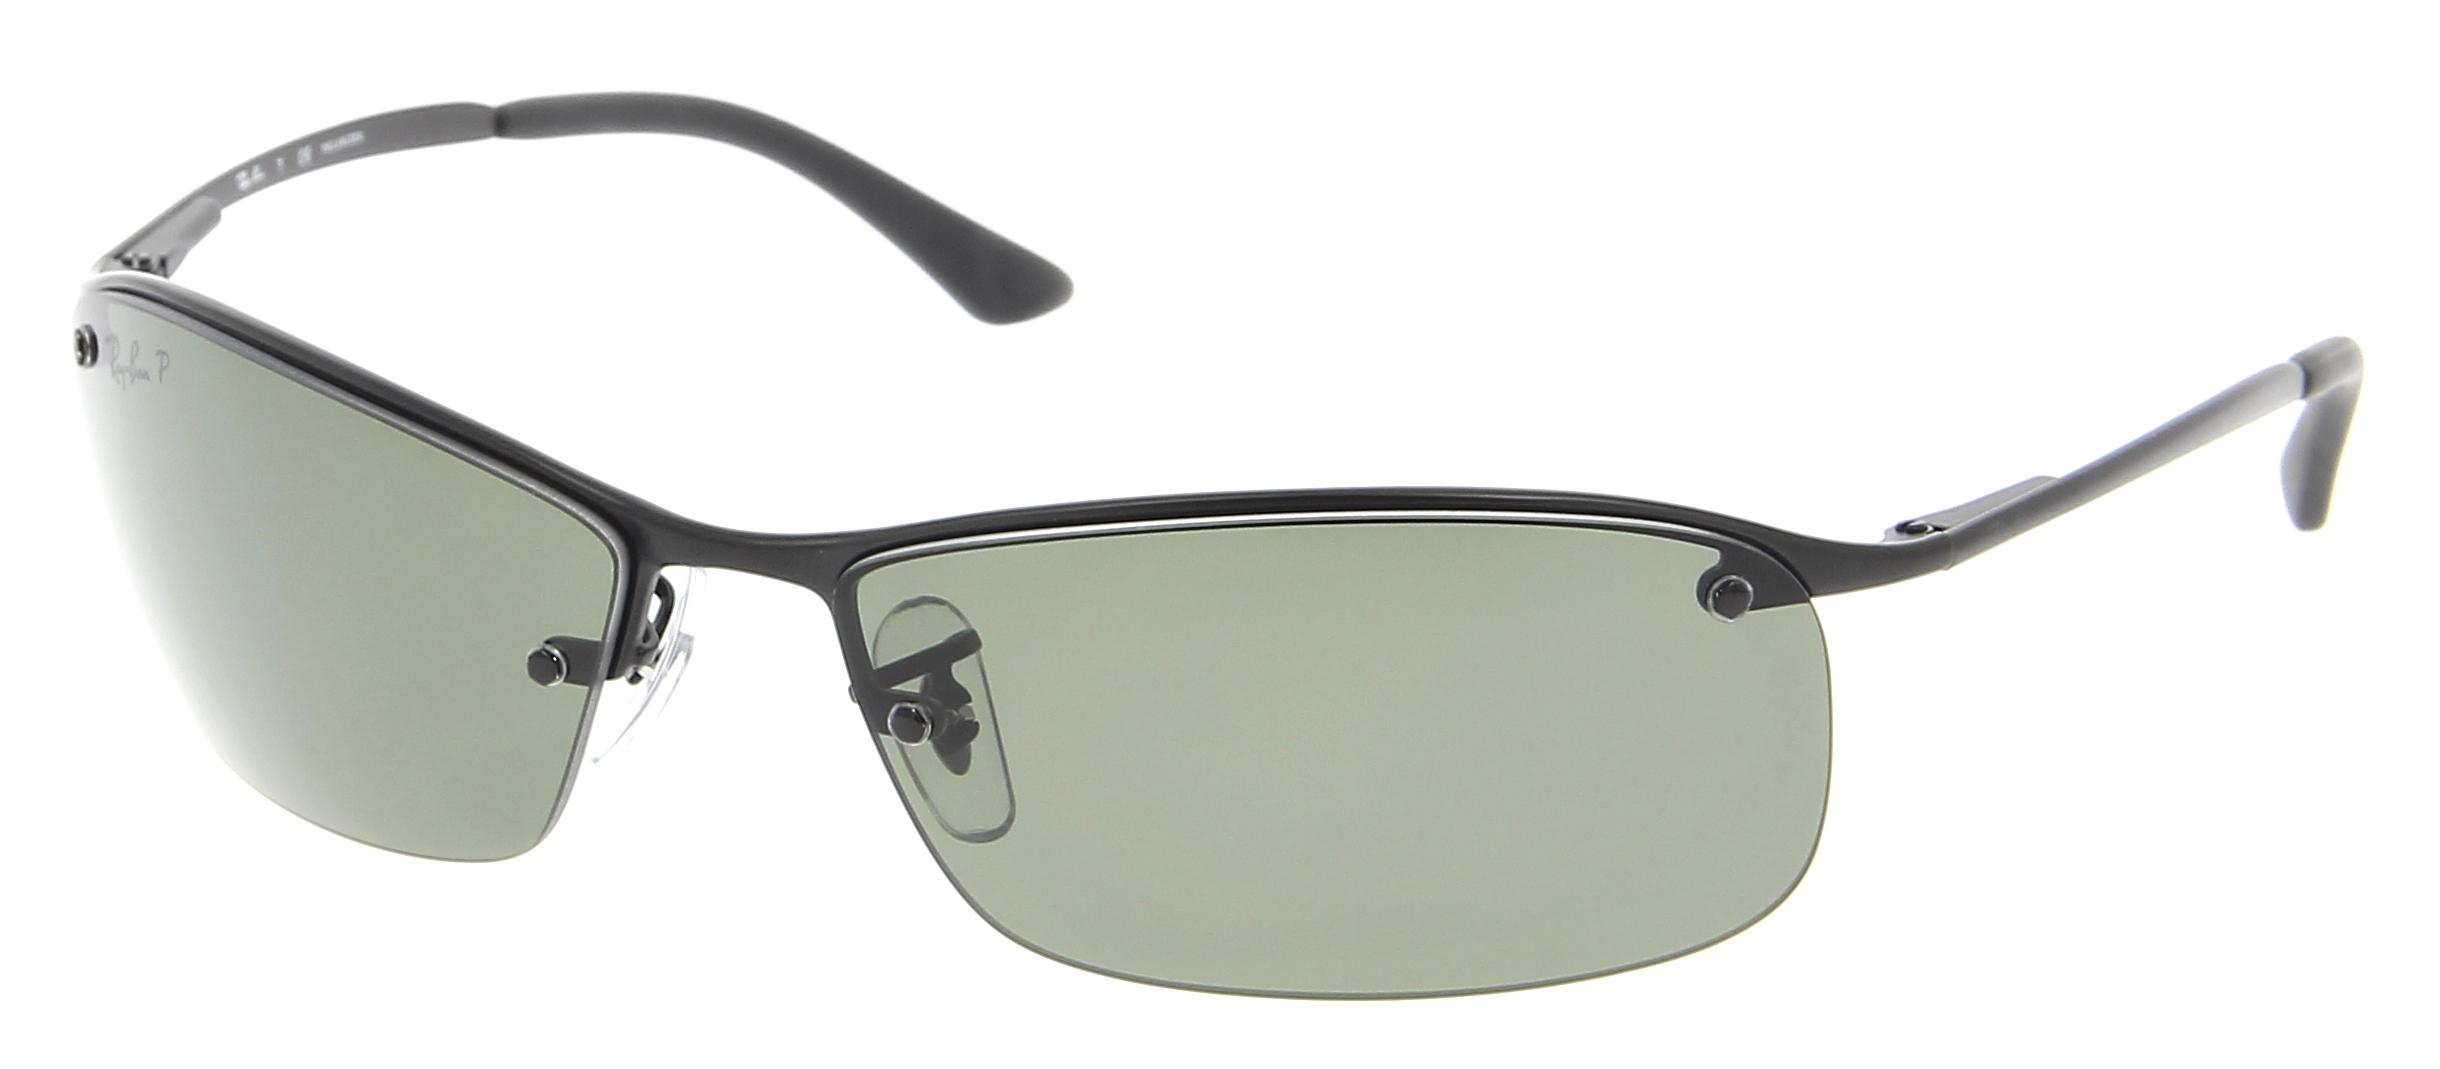 Precio cambiar cristales gafas ray ban louisiana bucket - Cristales climalit precio ...